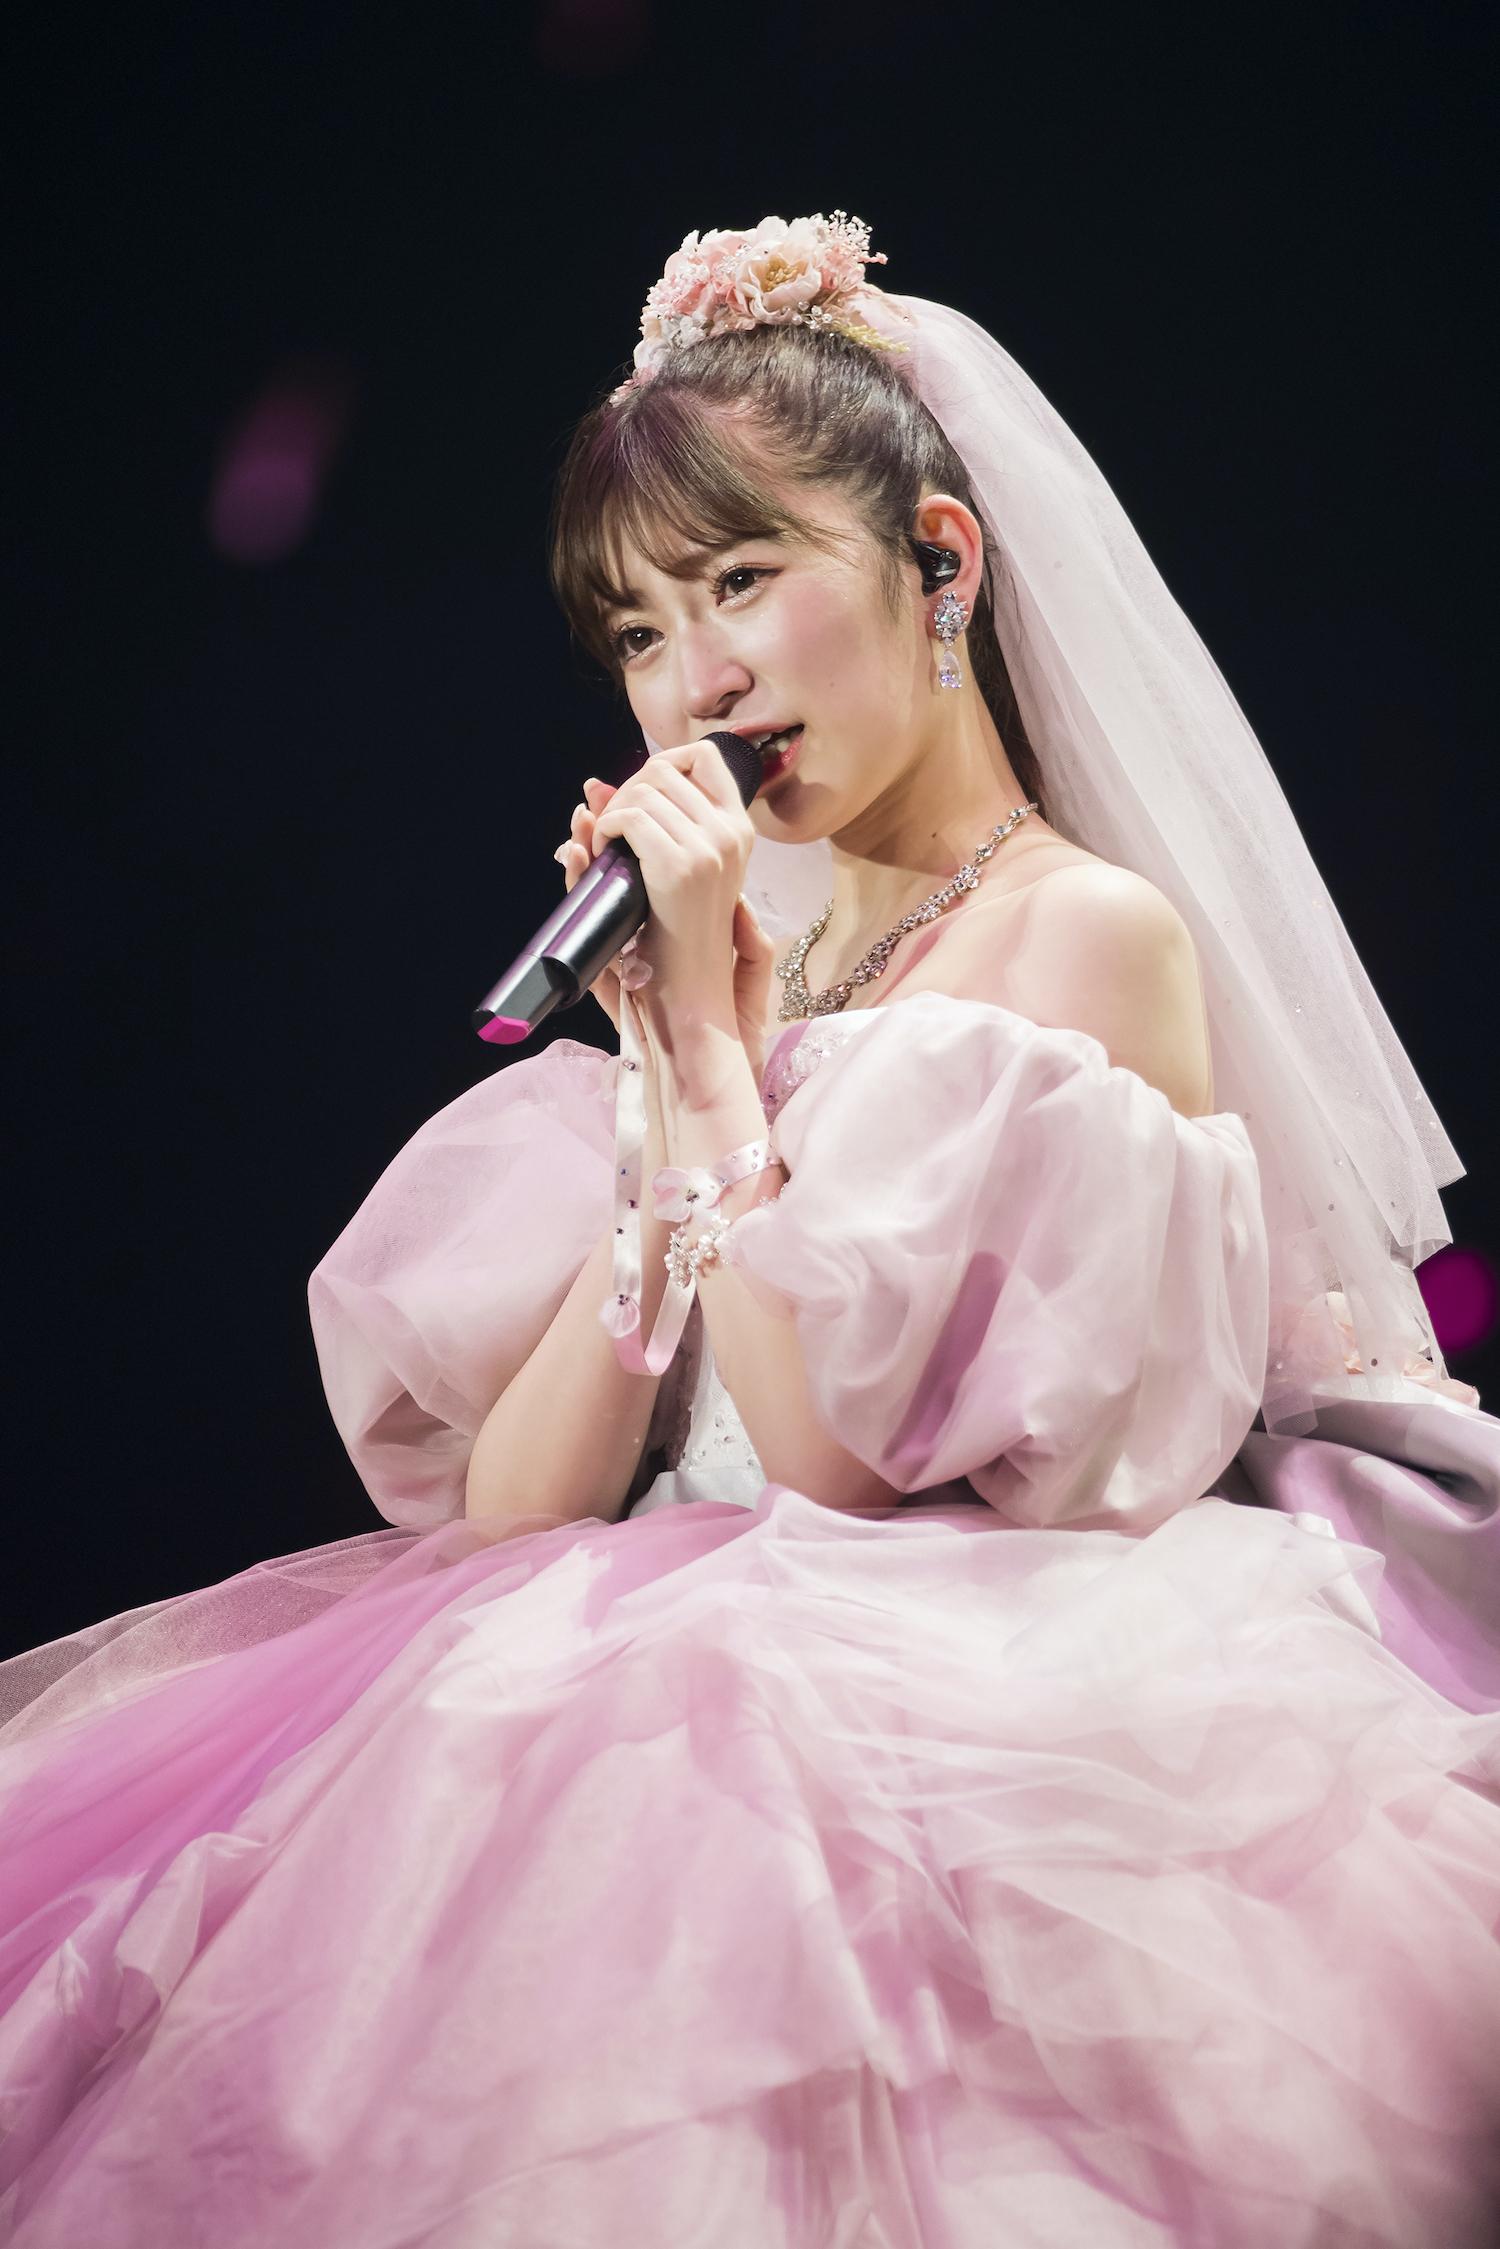 吉田朱里『NMB48 吉田朱里卒業コンサート~さよならピンクさよならアイドル~』2020年10月24日©NMB48